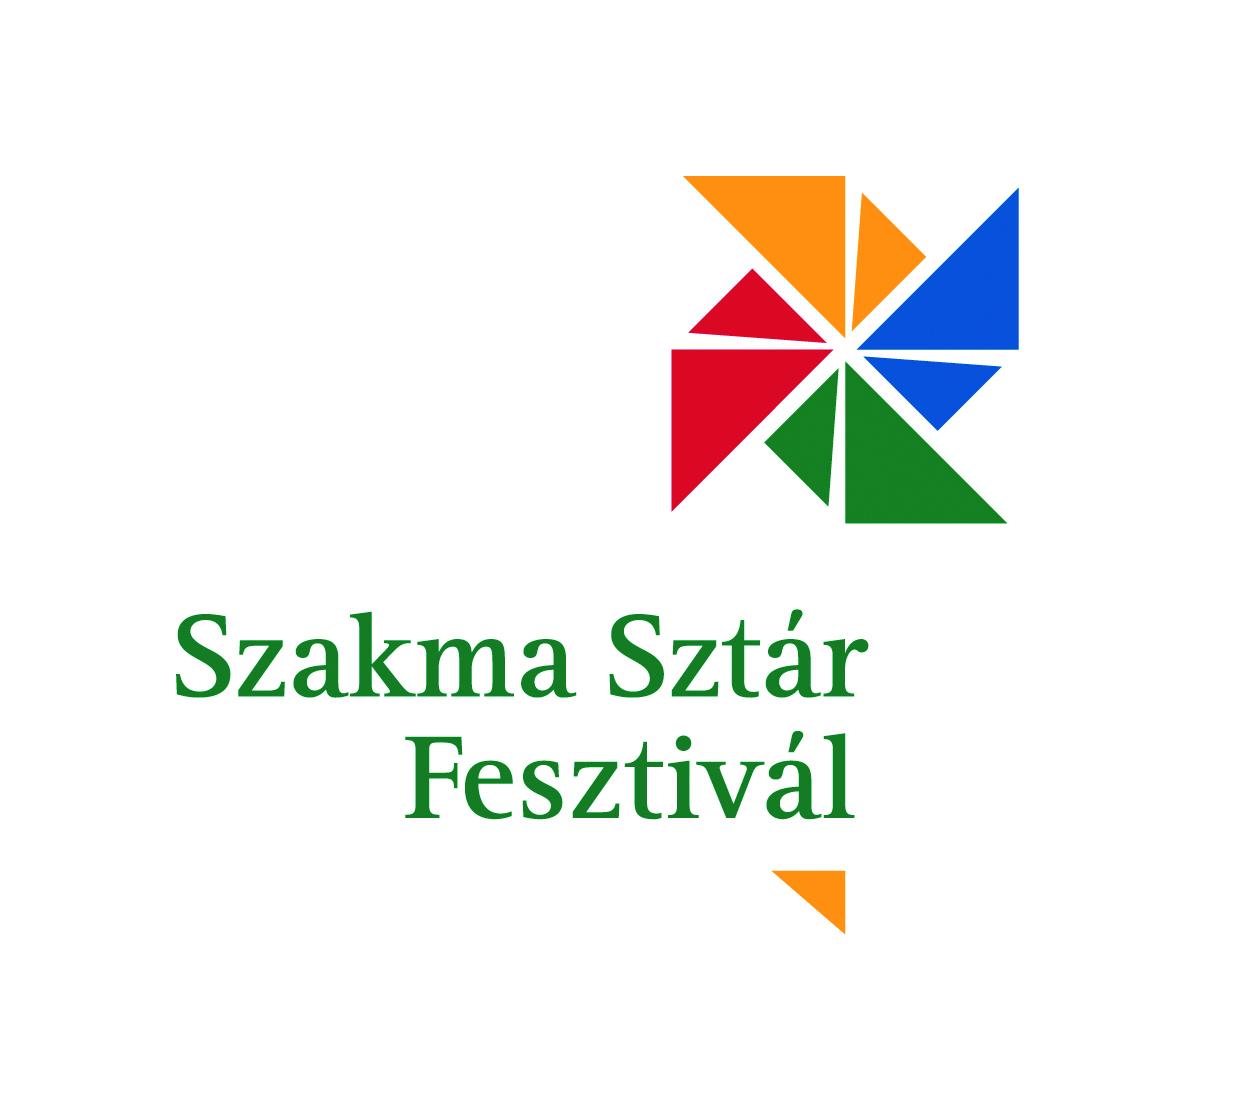 szszf_logo_cmyk-1